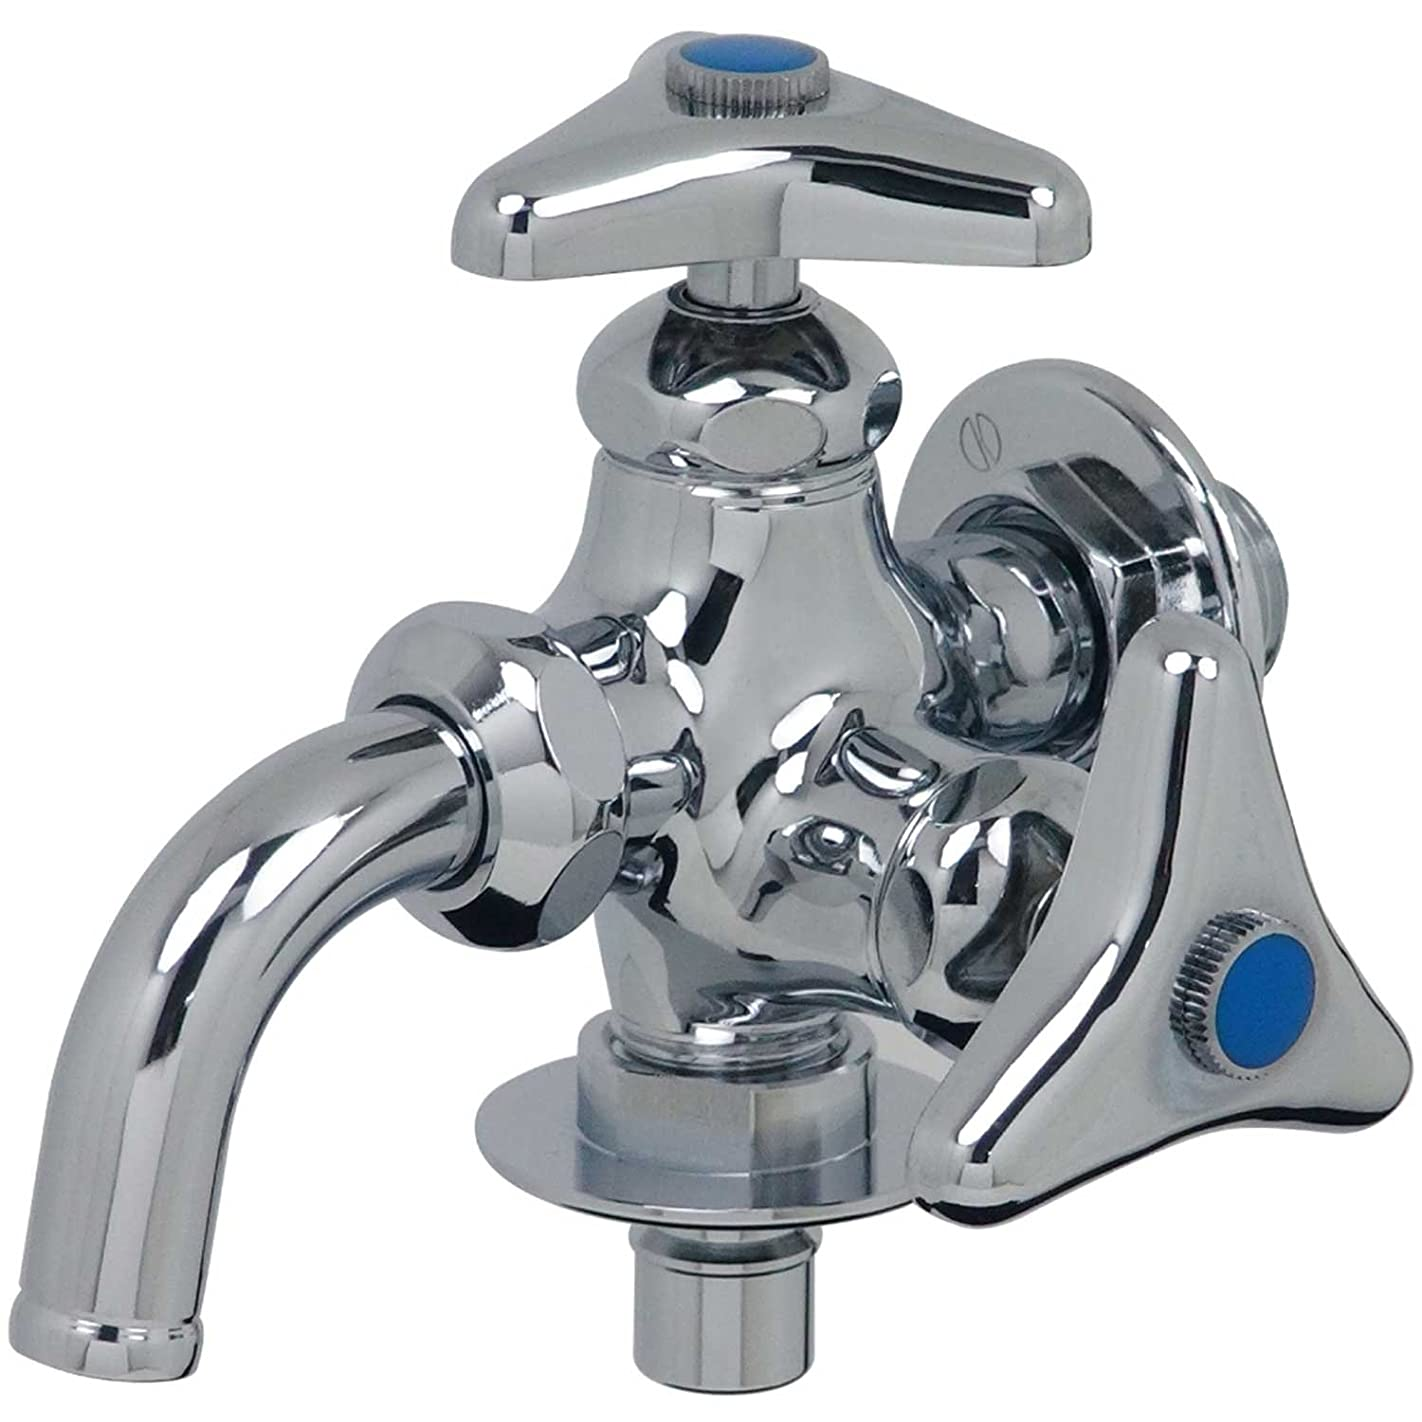 溶かす地殻クリークカクダイ 洗濯機用双口水栓 704-108-13